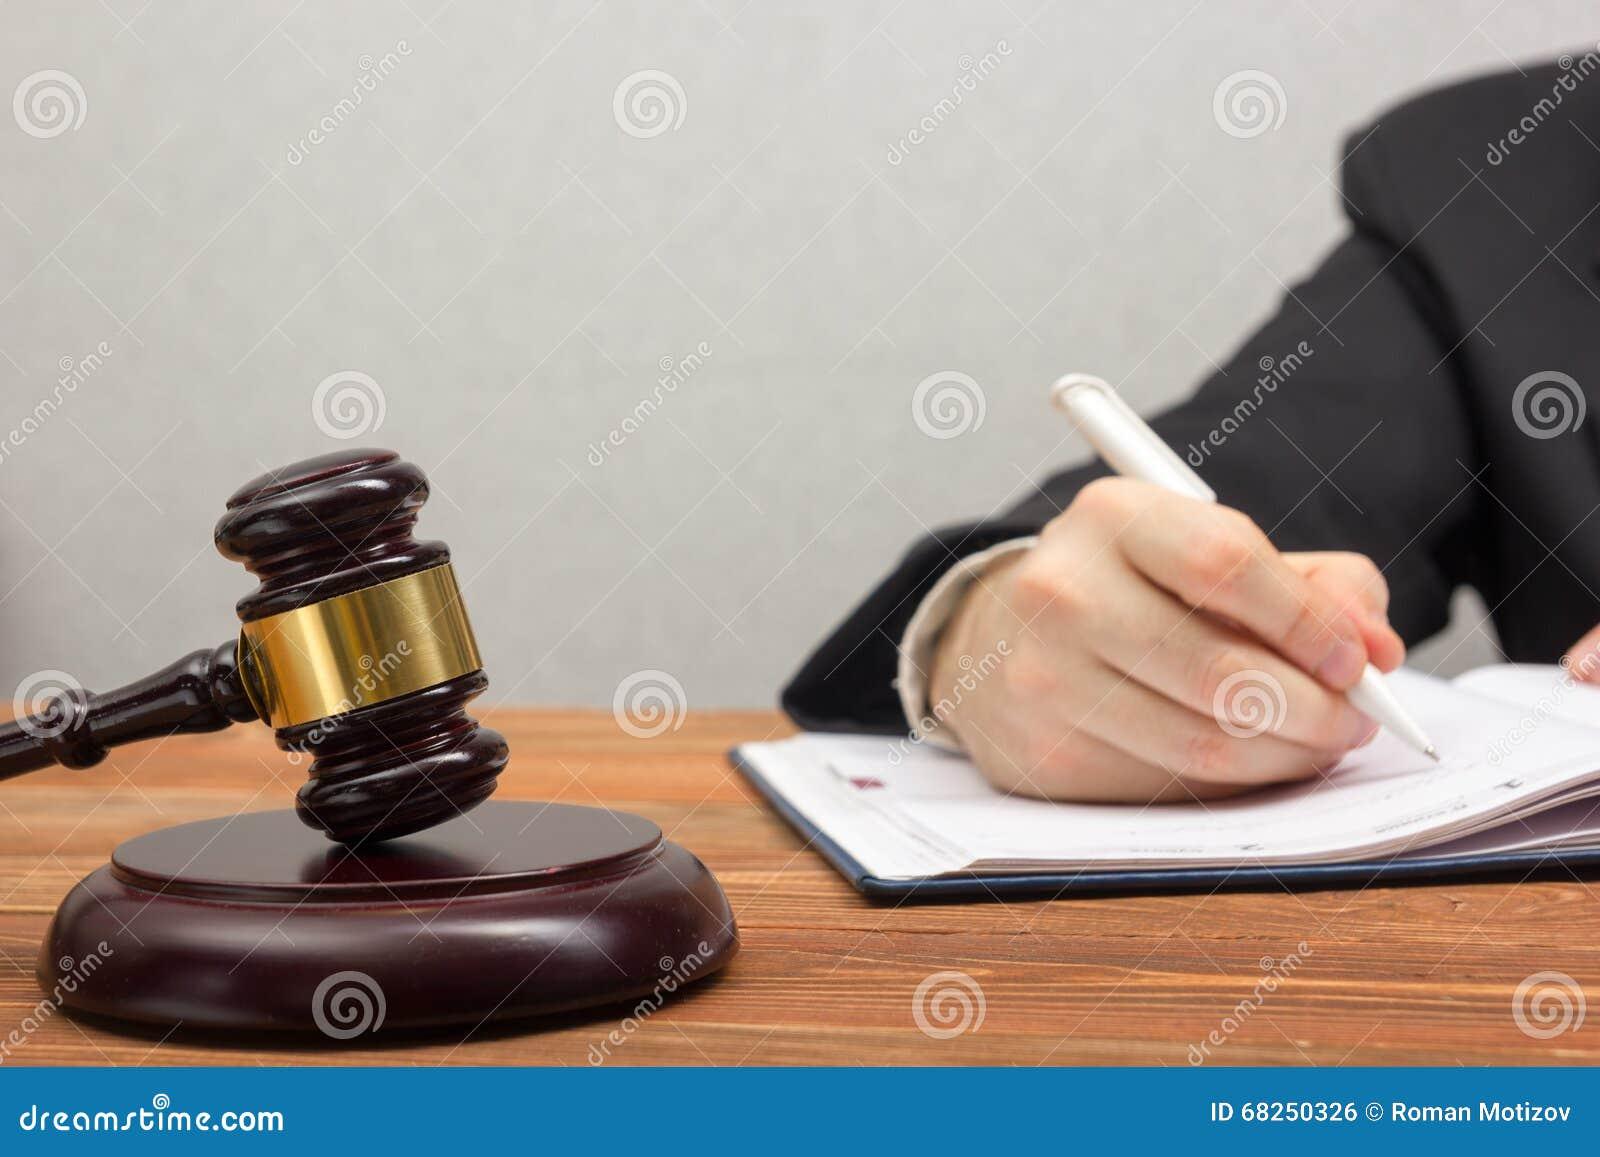 Lawyew het werken notaris die document ondertekenen op het zijn werk stock foto afbeelding - Decoreer zijn kantoor op het werk ...